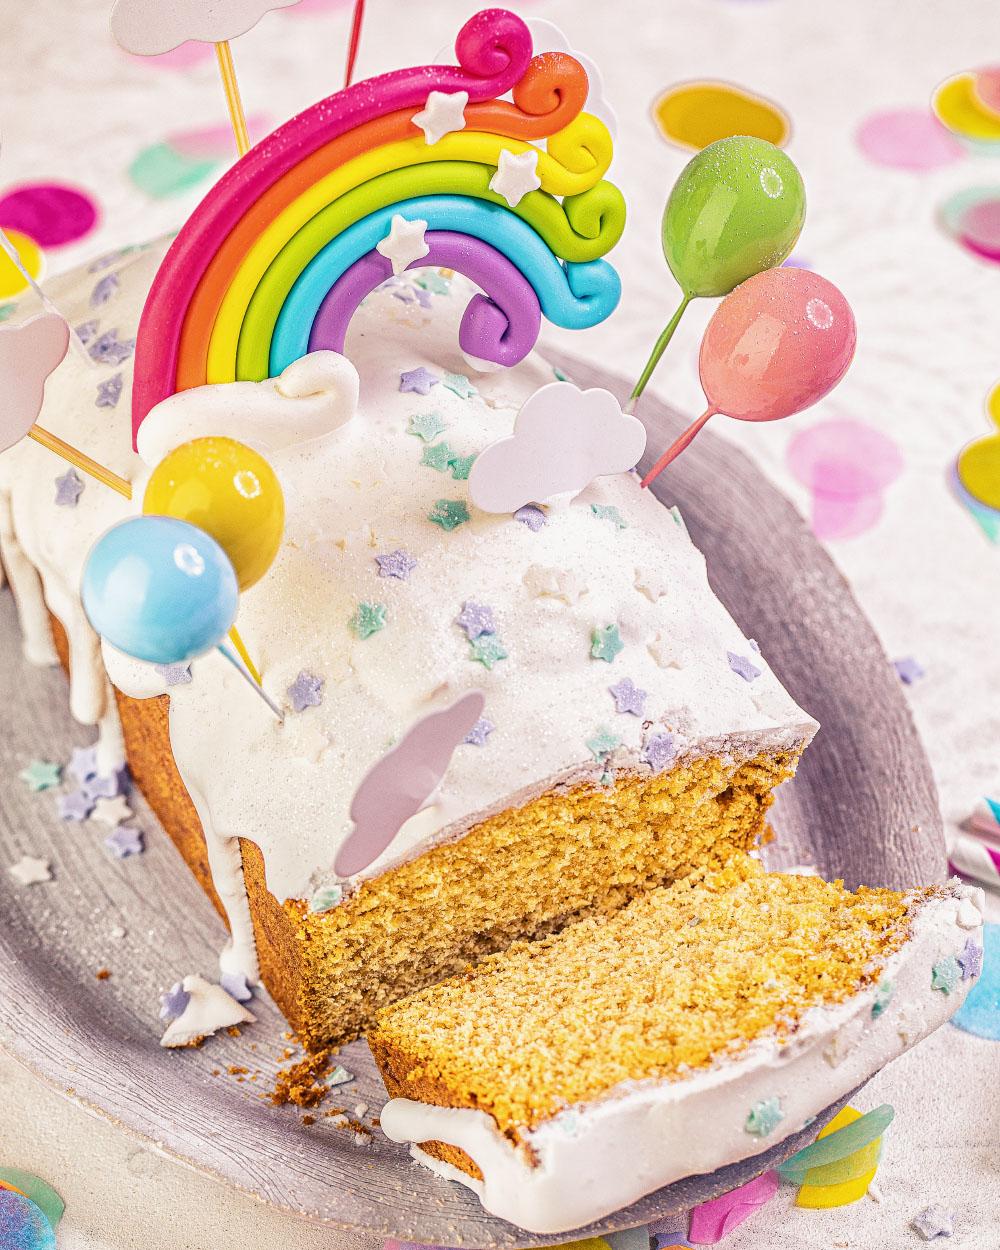 Kindergeburtstags Kuchen Regenbogen Kastenkuchen ganz einfaches Rezept Geburtstagstorte mädchen junge erster Geburtstag Heike Herden